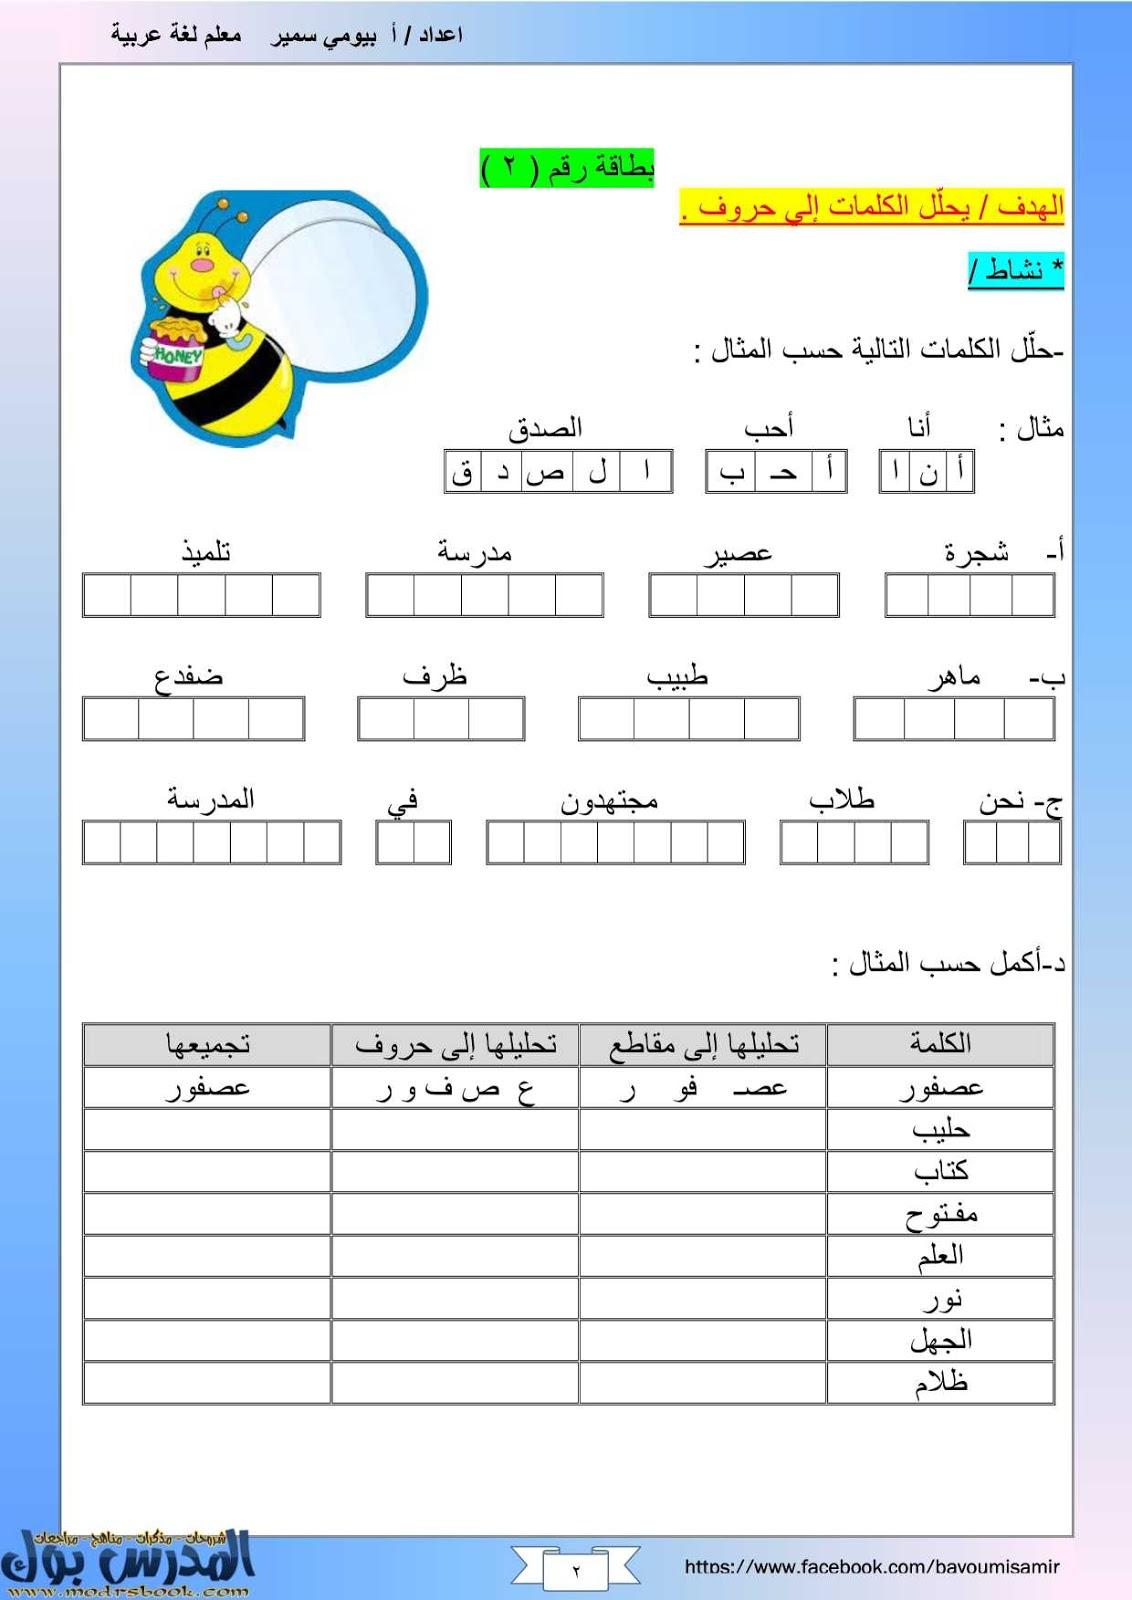 حل كتاب الدليل الى الكتابة العربية